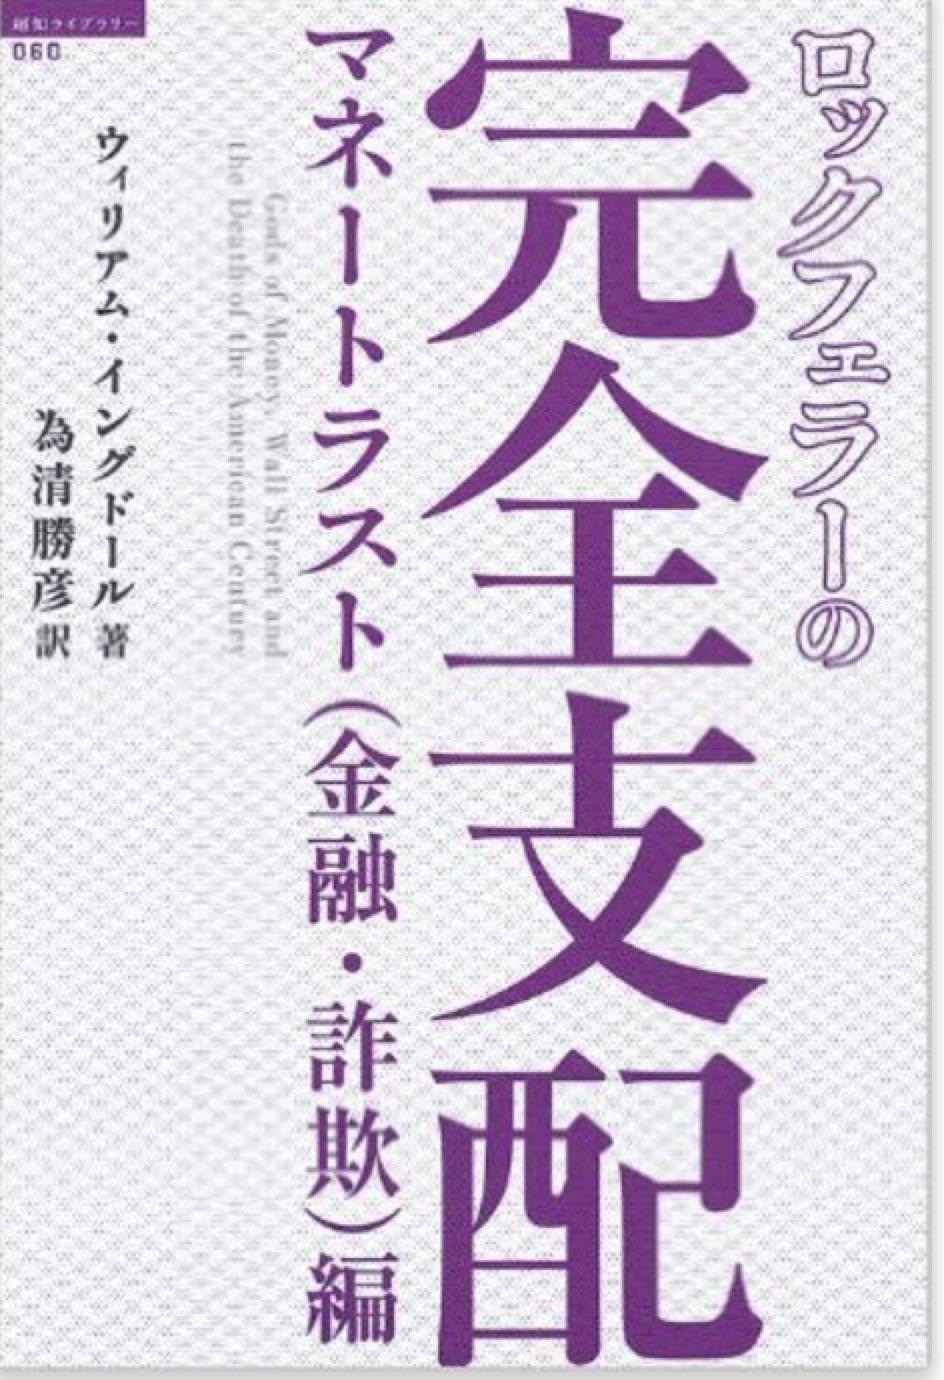 ロックフェラーの完全支配 マネートラスト( 金融・詐欺)編